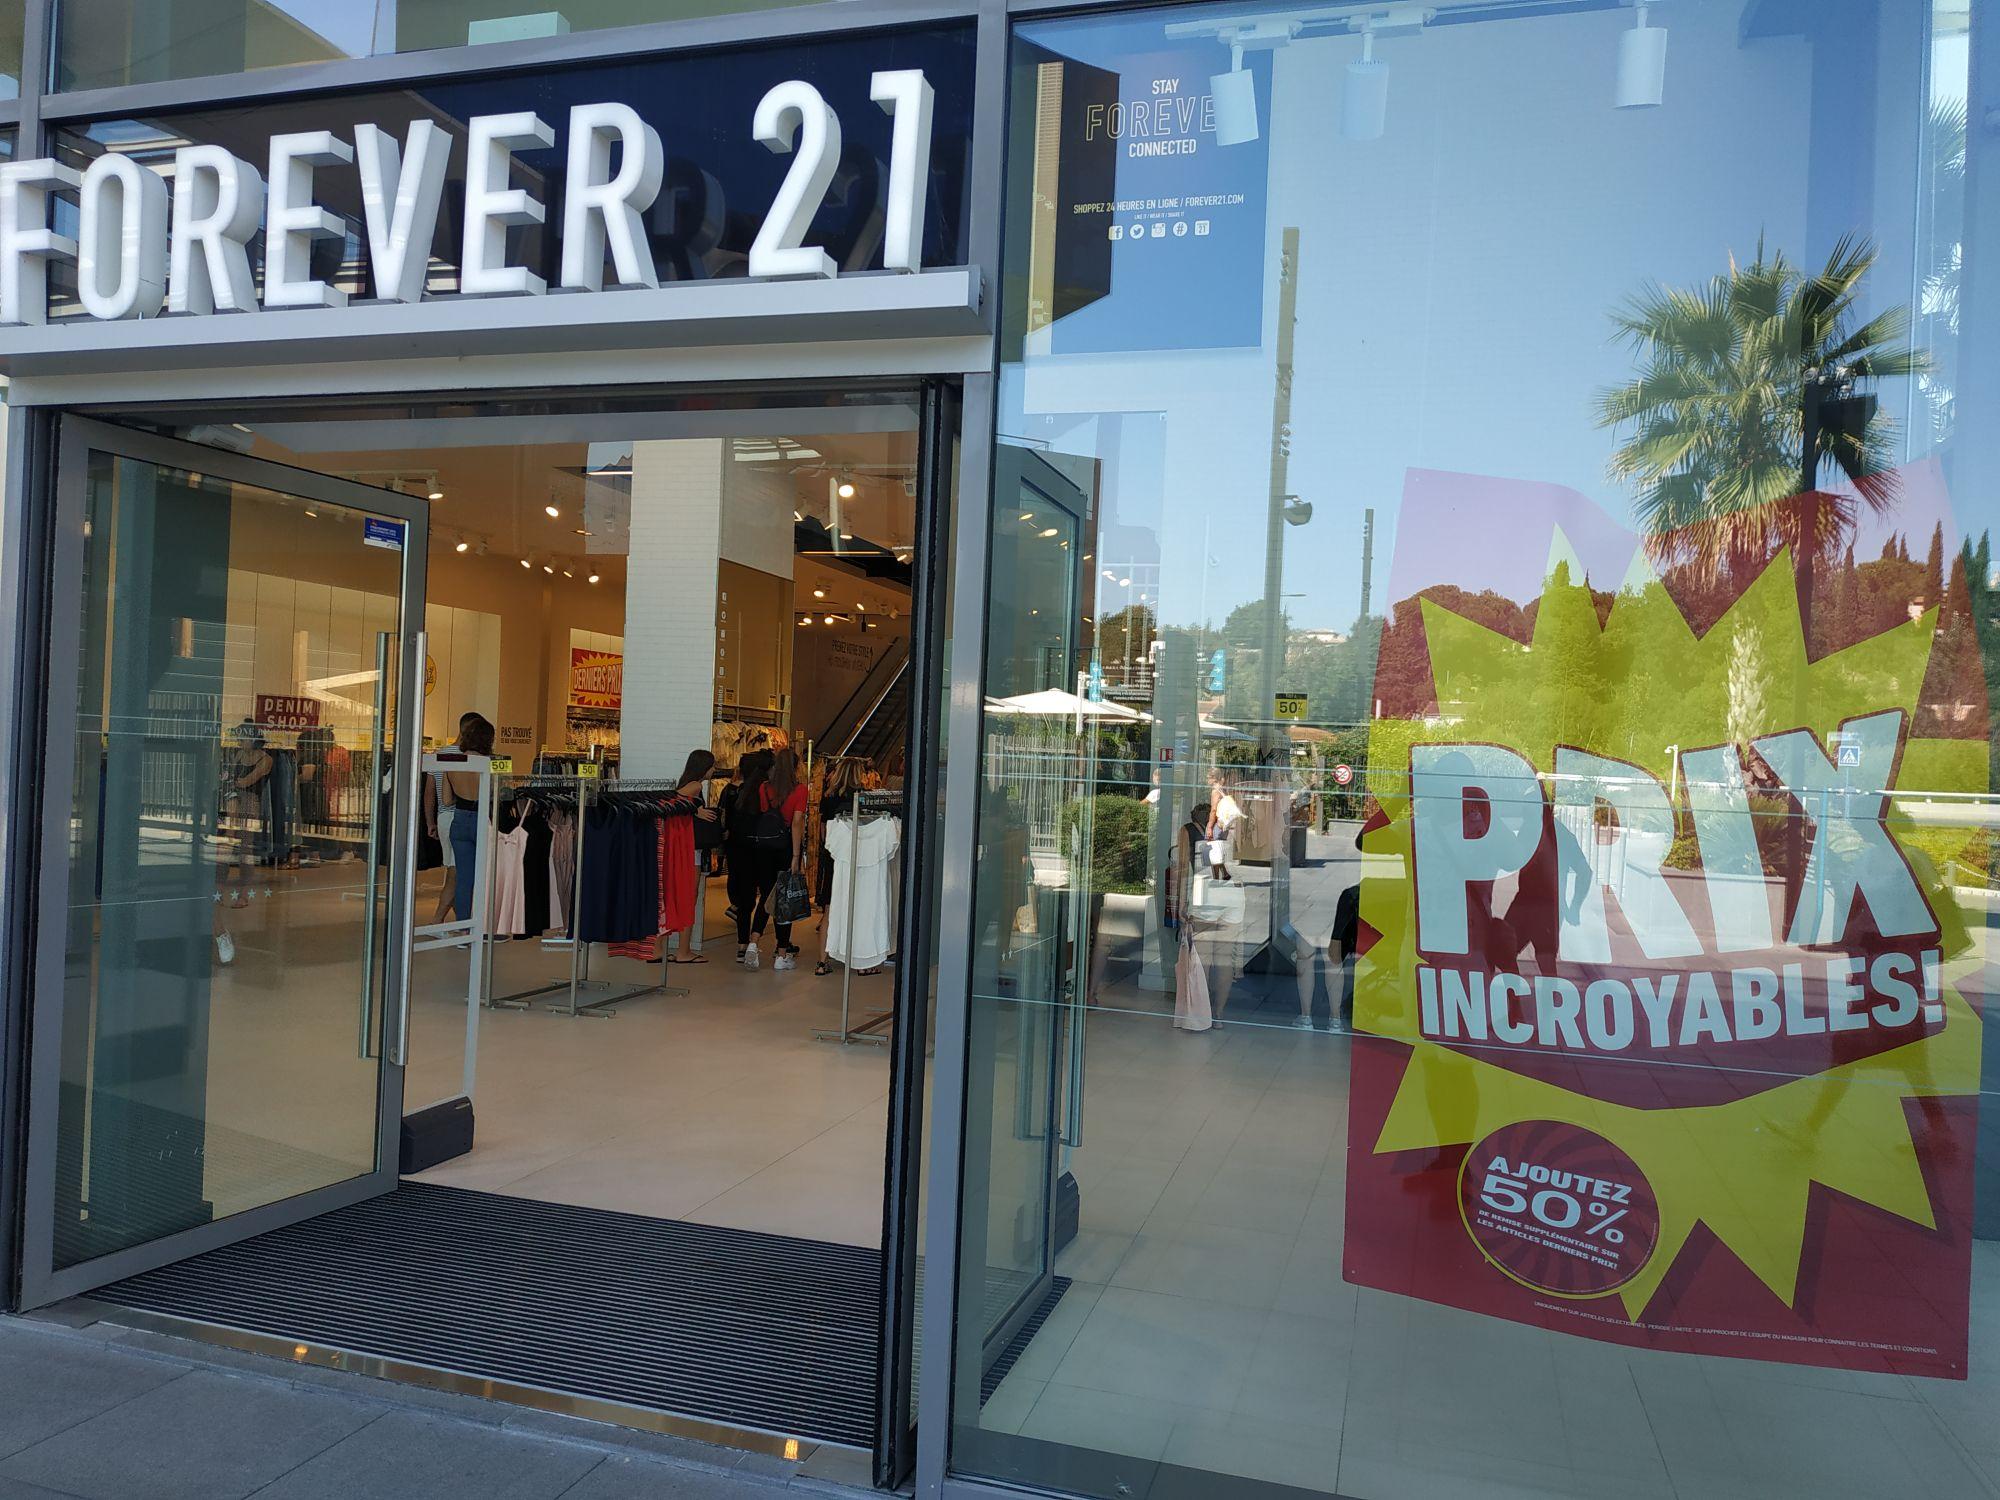 75% de réduction immédiate sur tout le magasin - Cagnes sur mer (06) Polygone Riviera